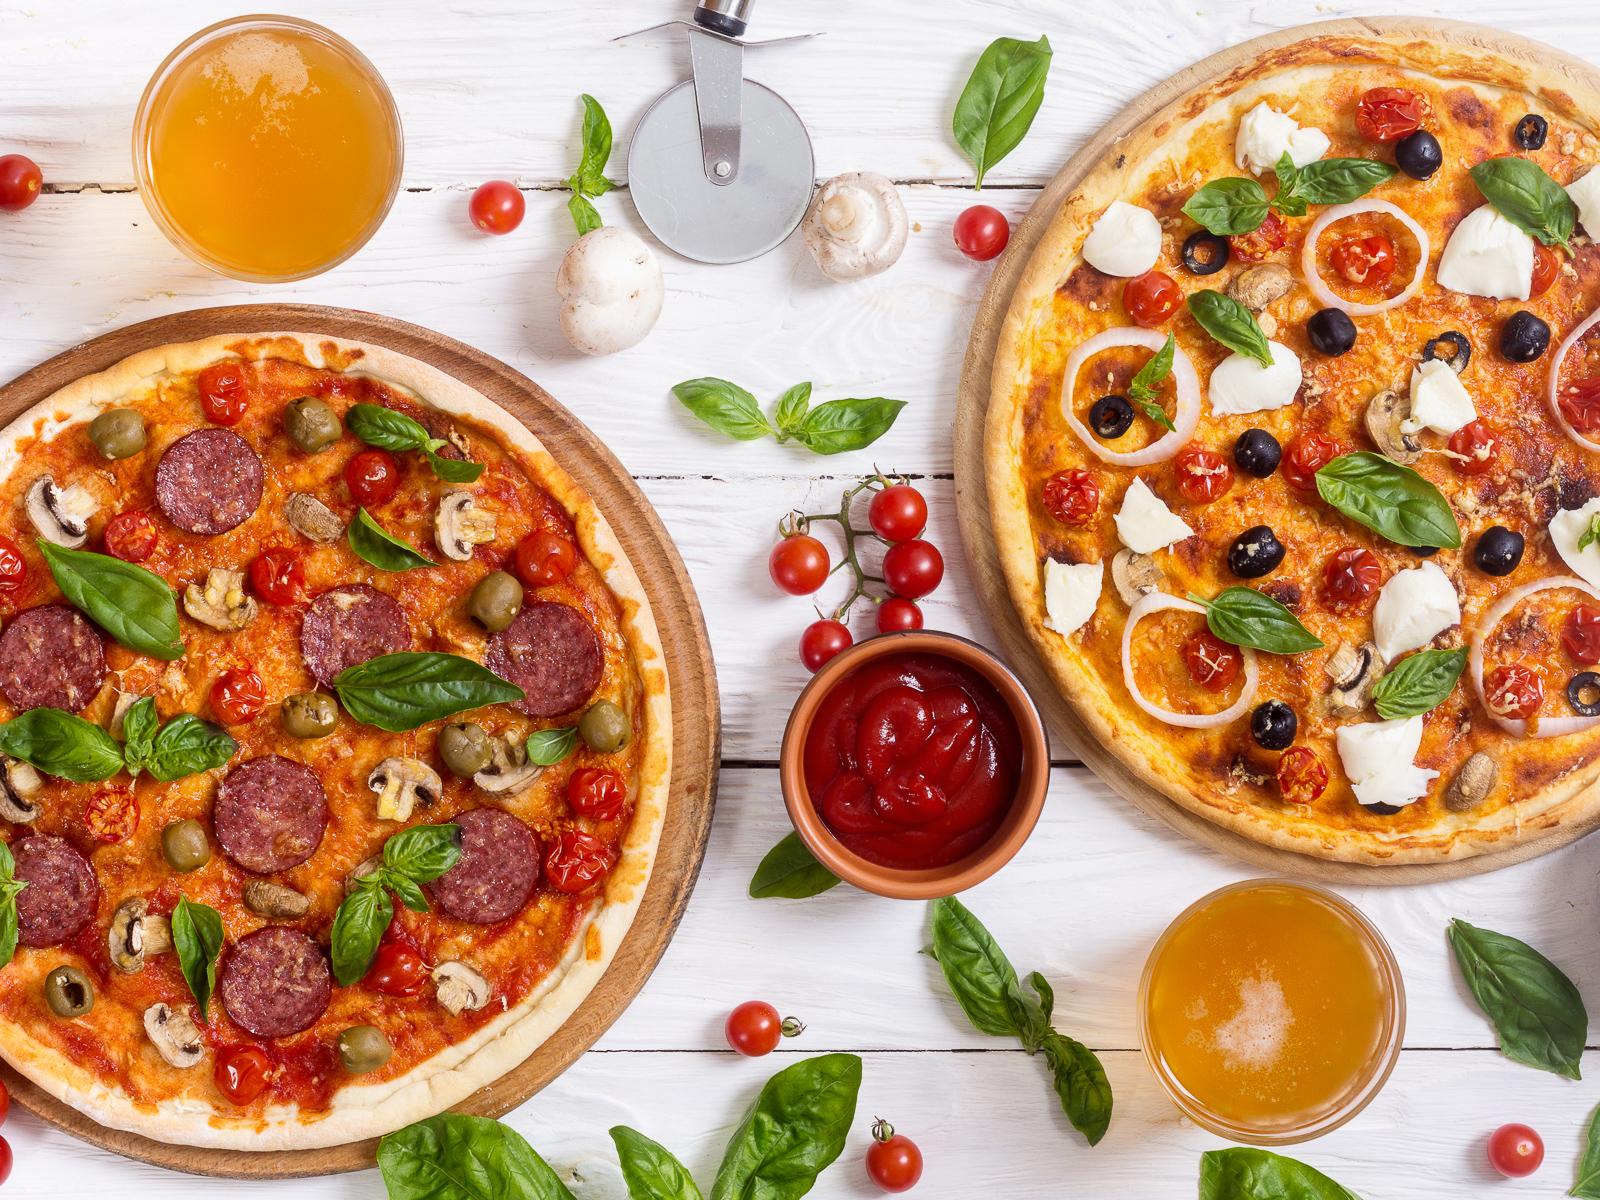 Milli Pizza